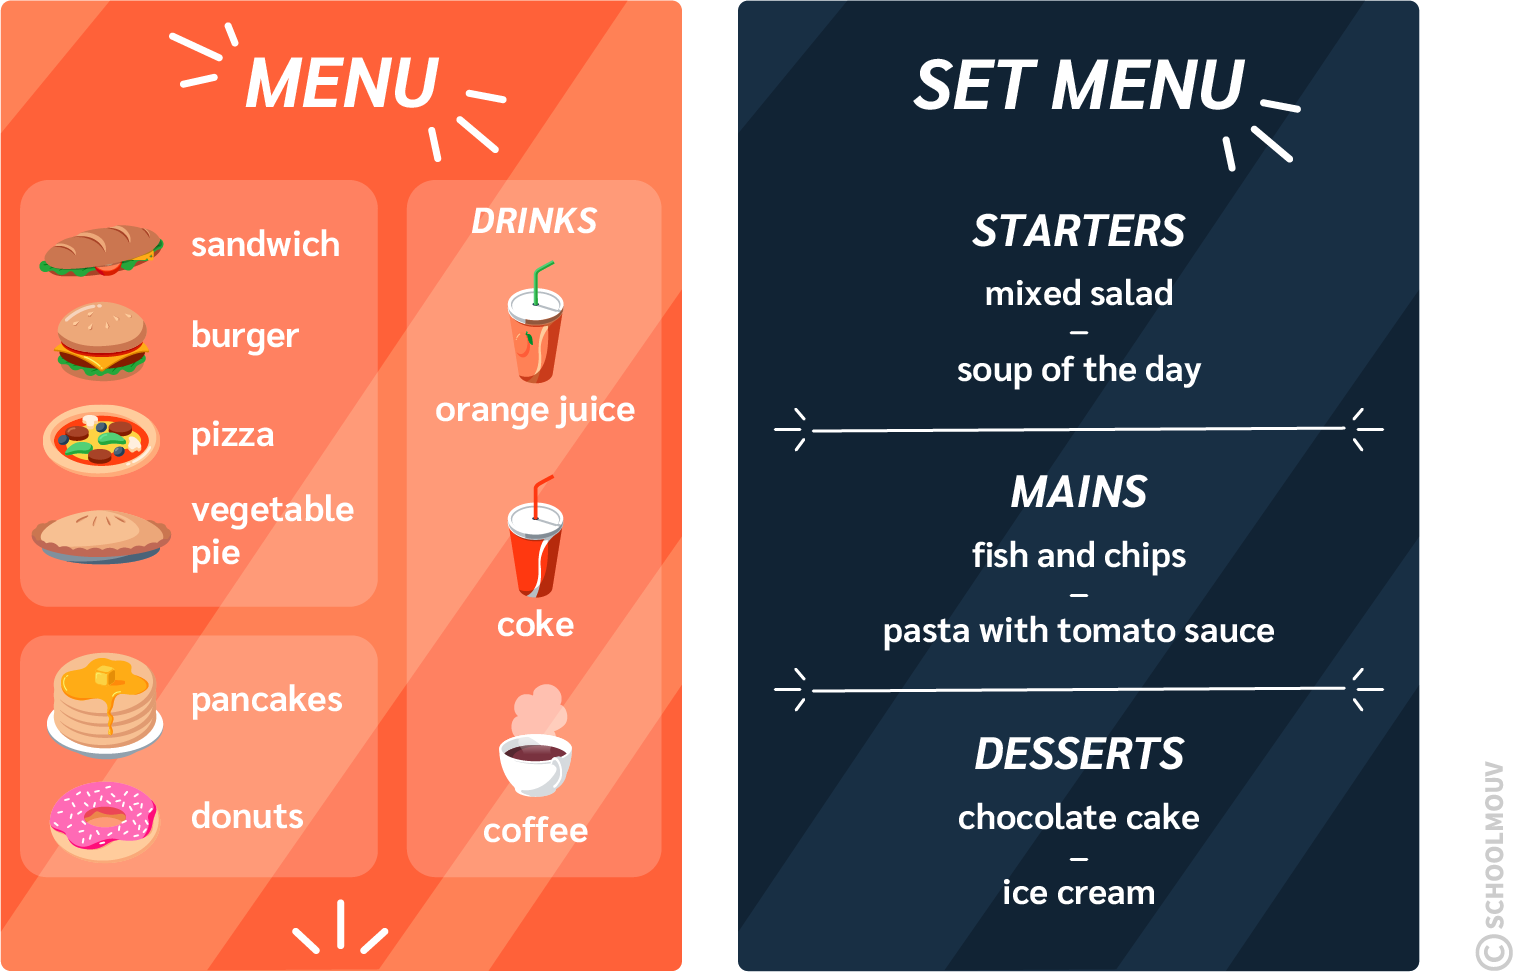 menu set menu anglais manger